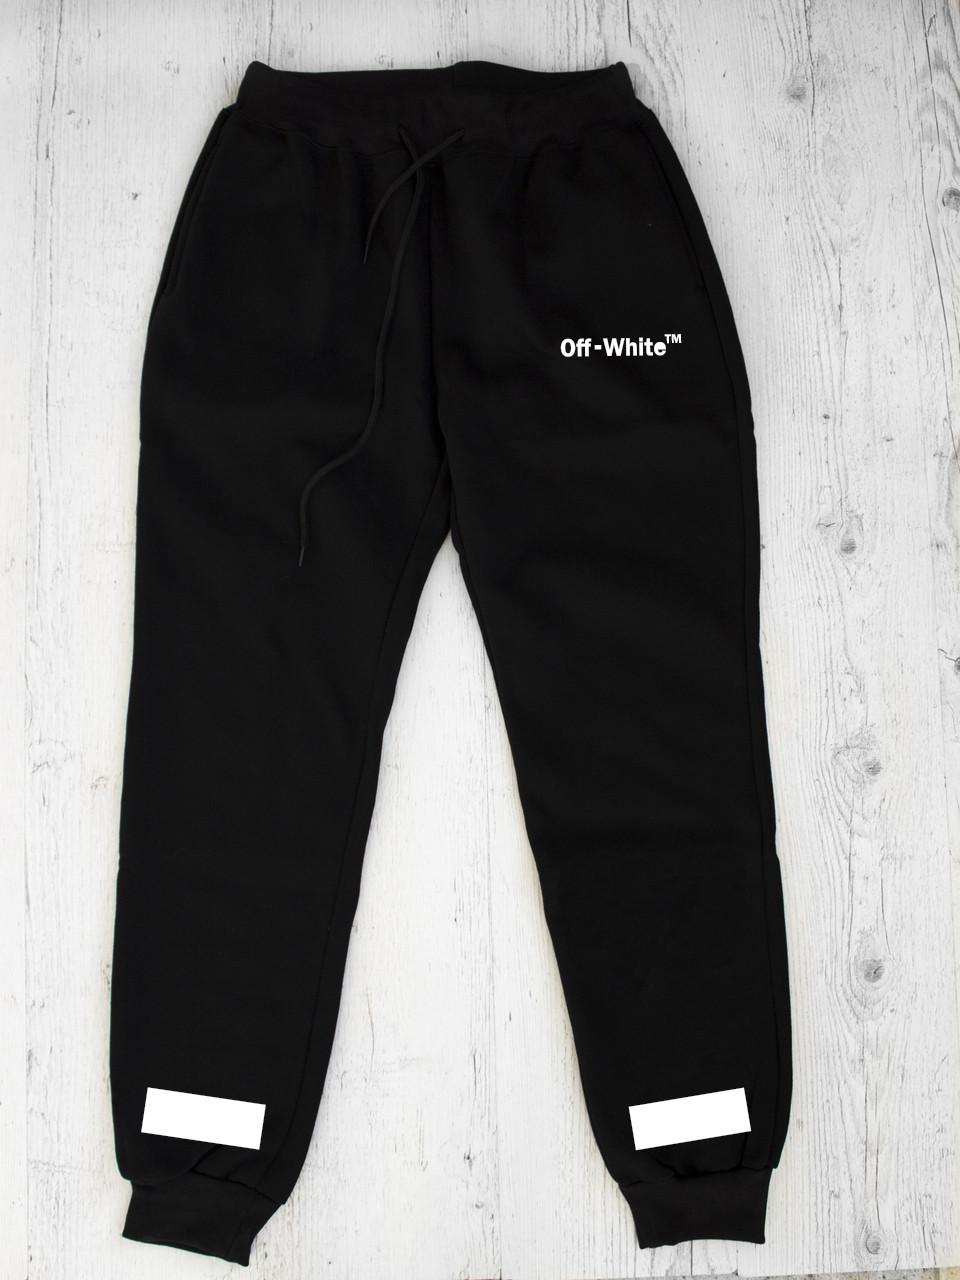 Штаны Off White TM •  Топ качество • Все размеры